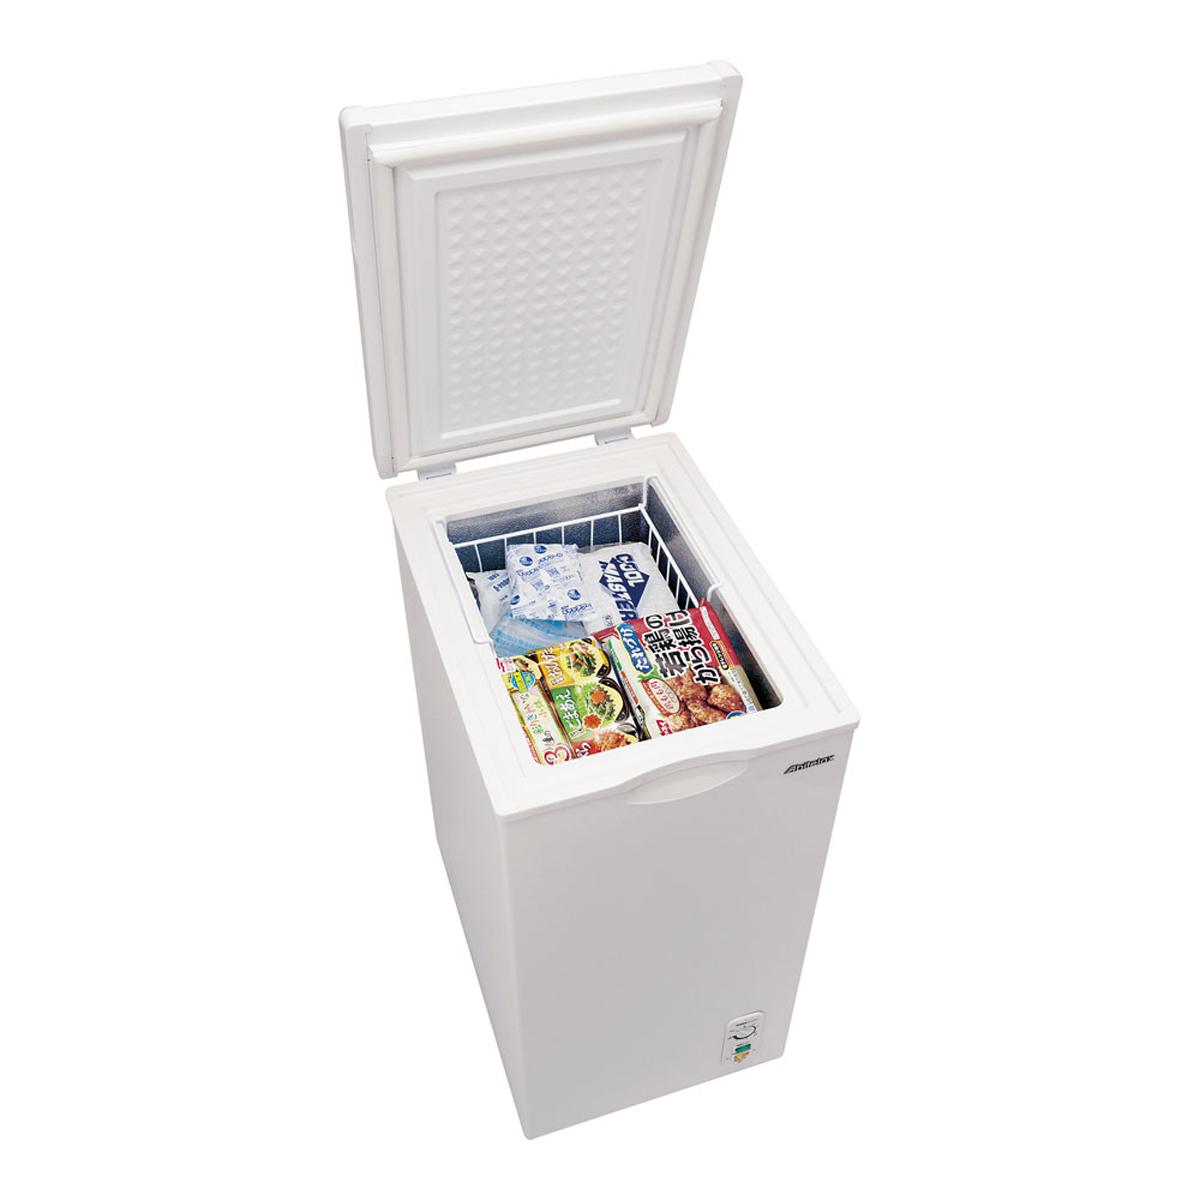 アビテラックス 上開き直冷式冷凍庫 ACF-603C [運賃別途お見積り] [メーカー直送 代引き不可] 【厨房用品 厨房機器 設備 冷蔵庫 冷凍庫 業務用 販売 通販】 [7-0682-0701 6-0645-0701 ]